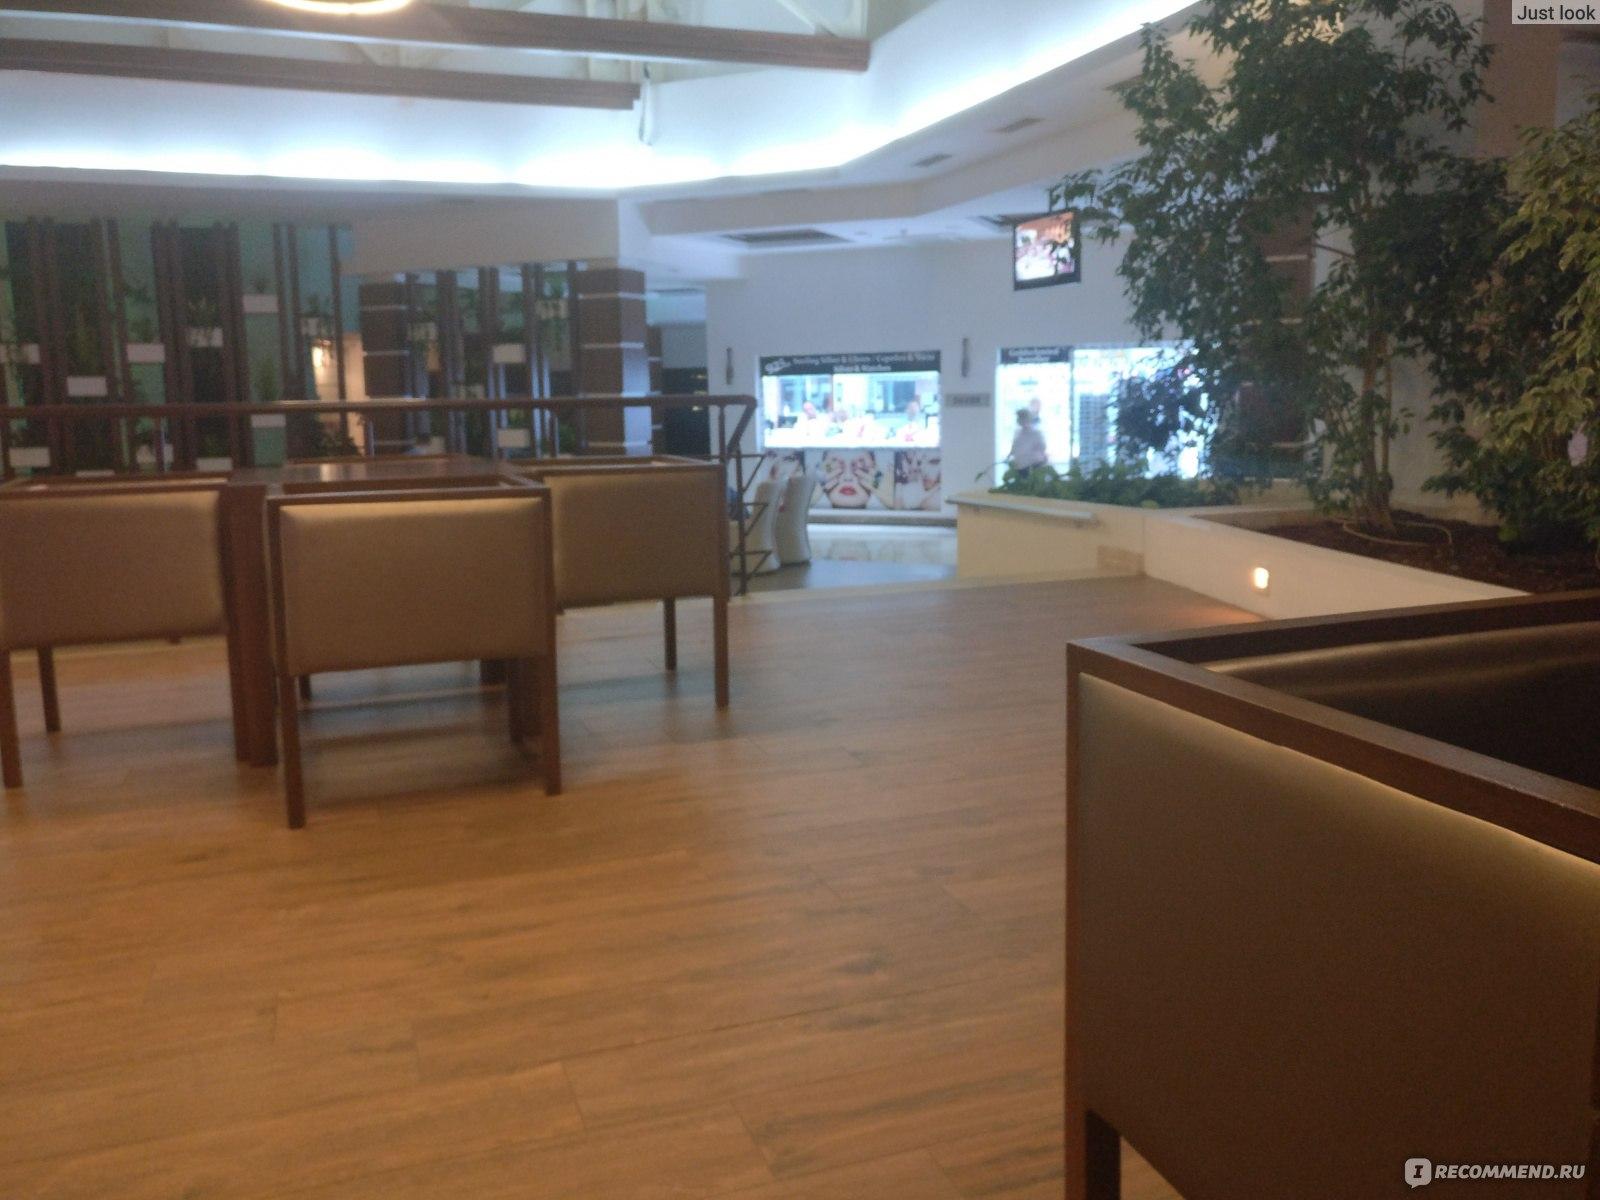 Washington Resort Hotel 5 Turciya Side Otel V Turcii S